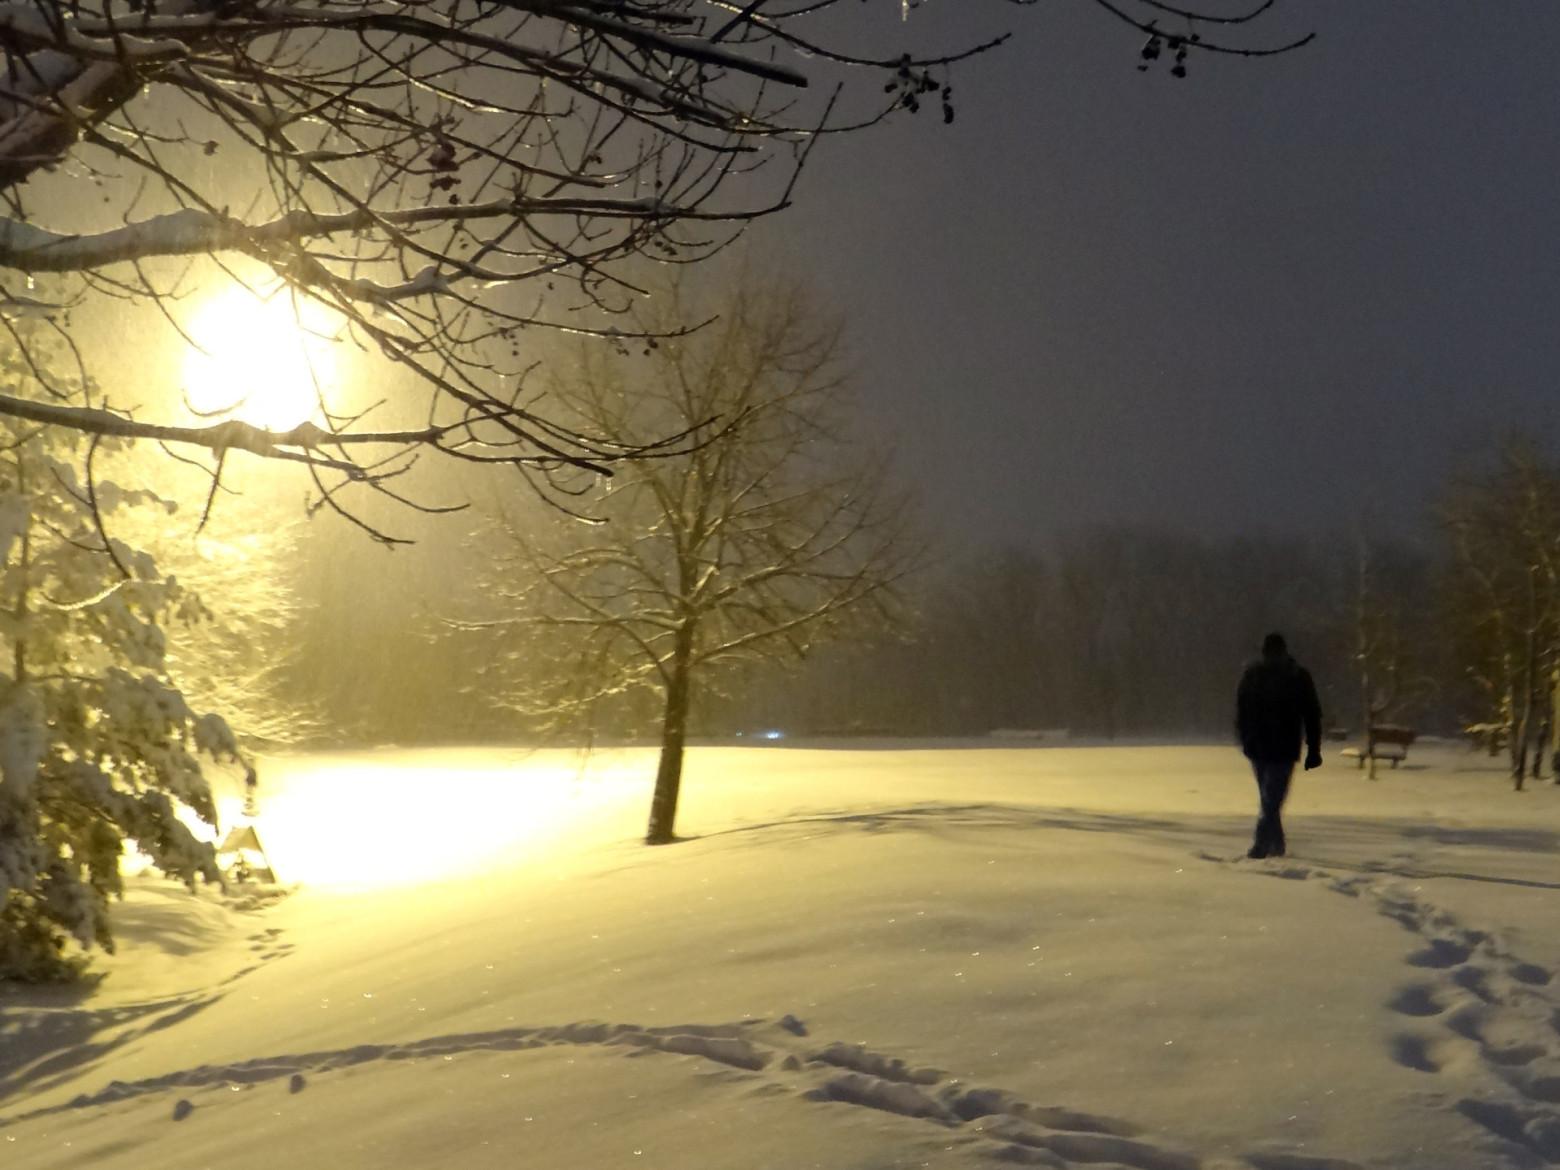 Marcher sous la neige images photos hd gratuites images - Photos de neige gratuites ...